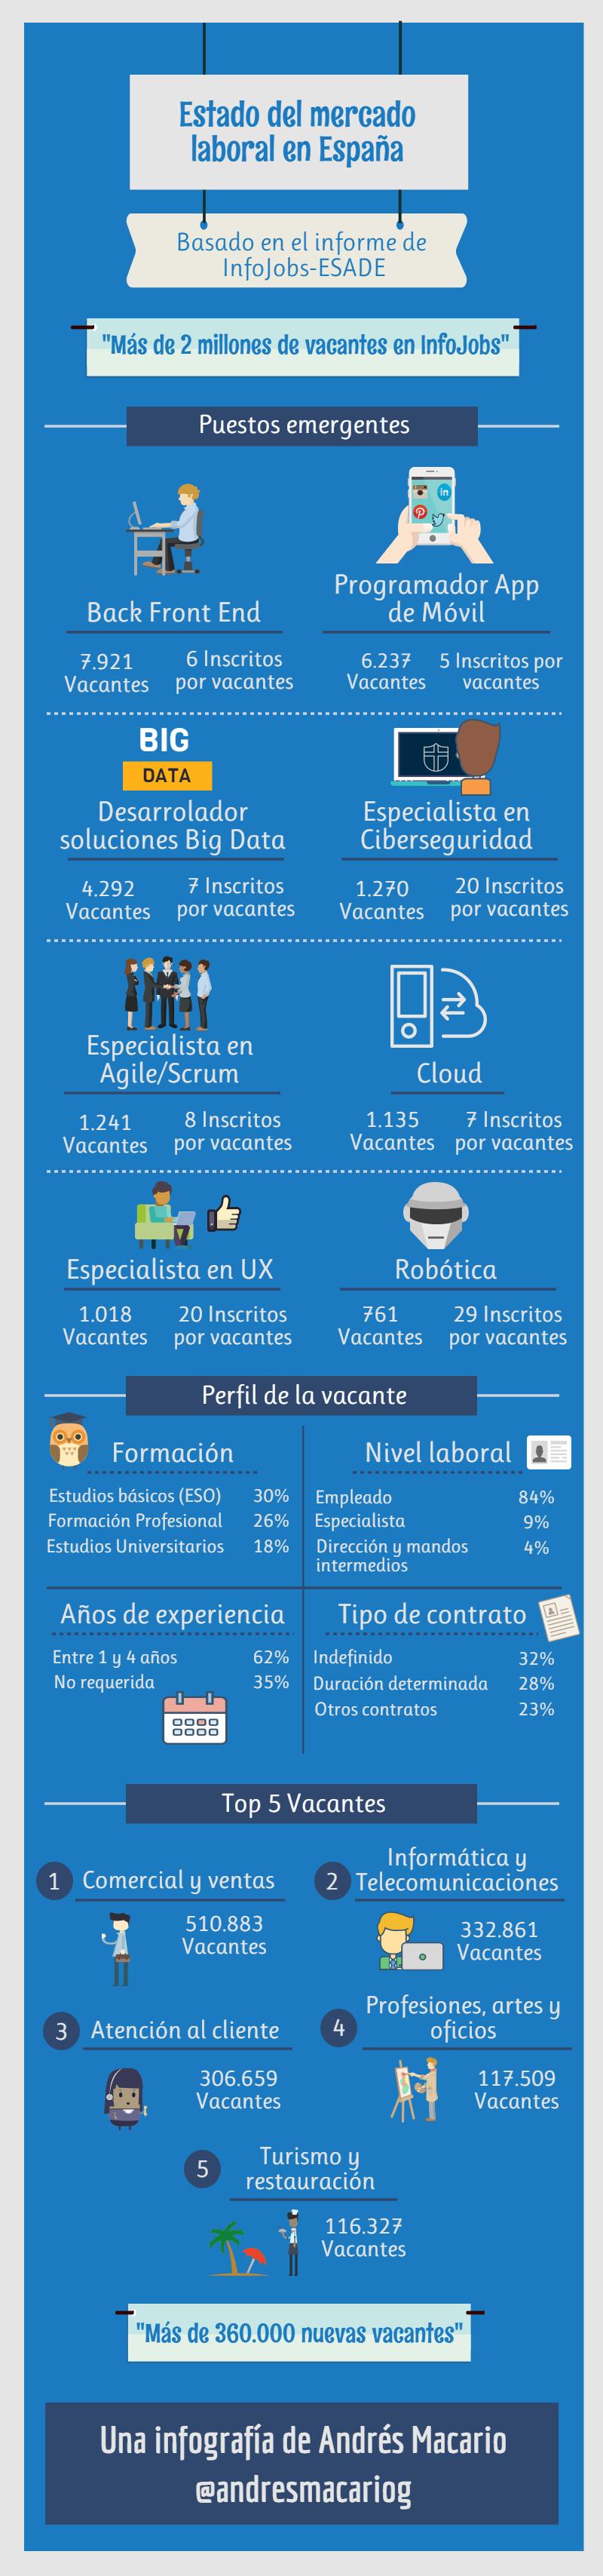 Estado del mercado laboral en España - Infojobs-ESADE | Infografía Andrés Macario